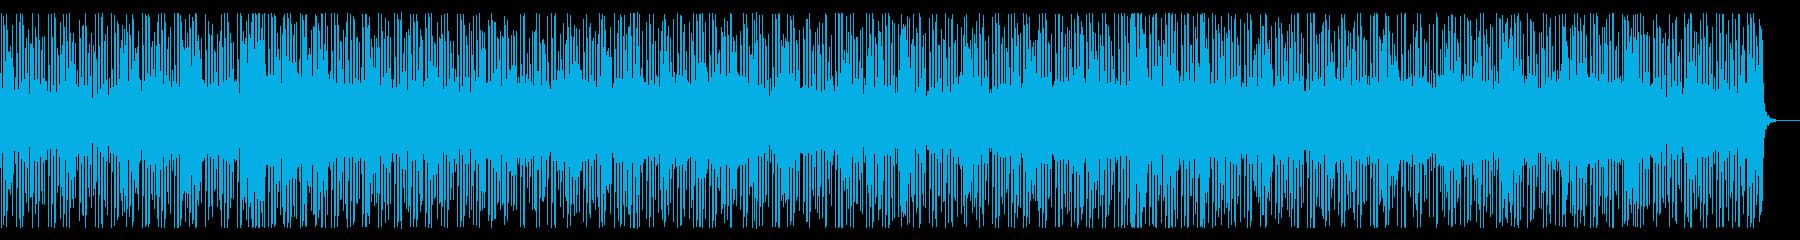 News program / news / serious's reproduced waveform